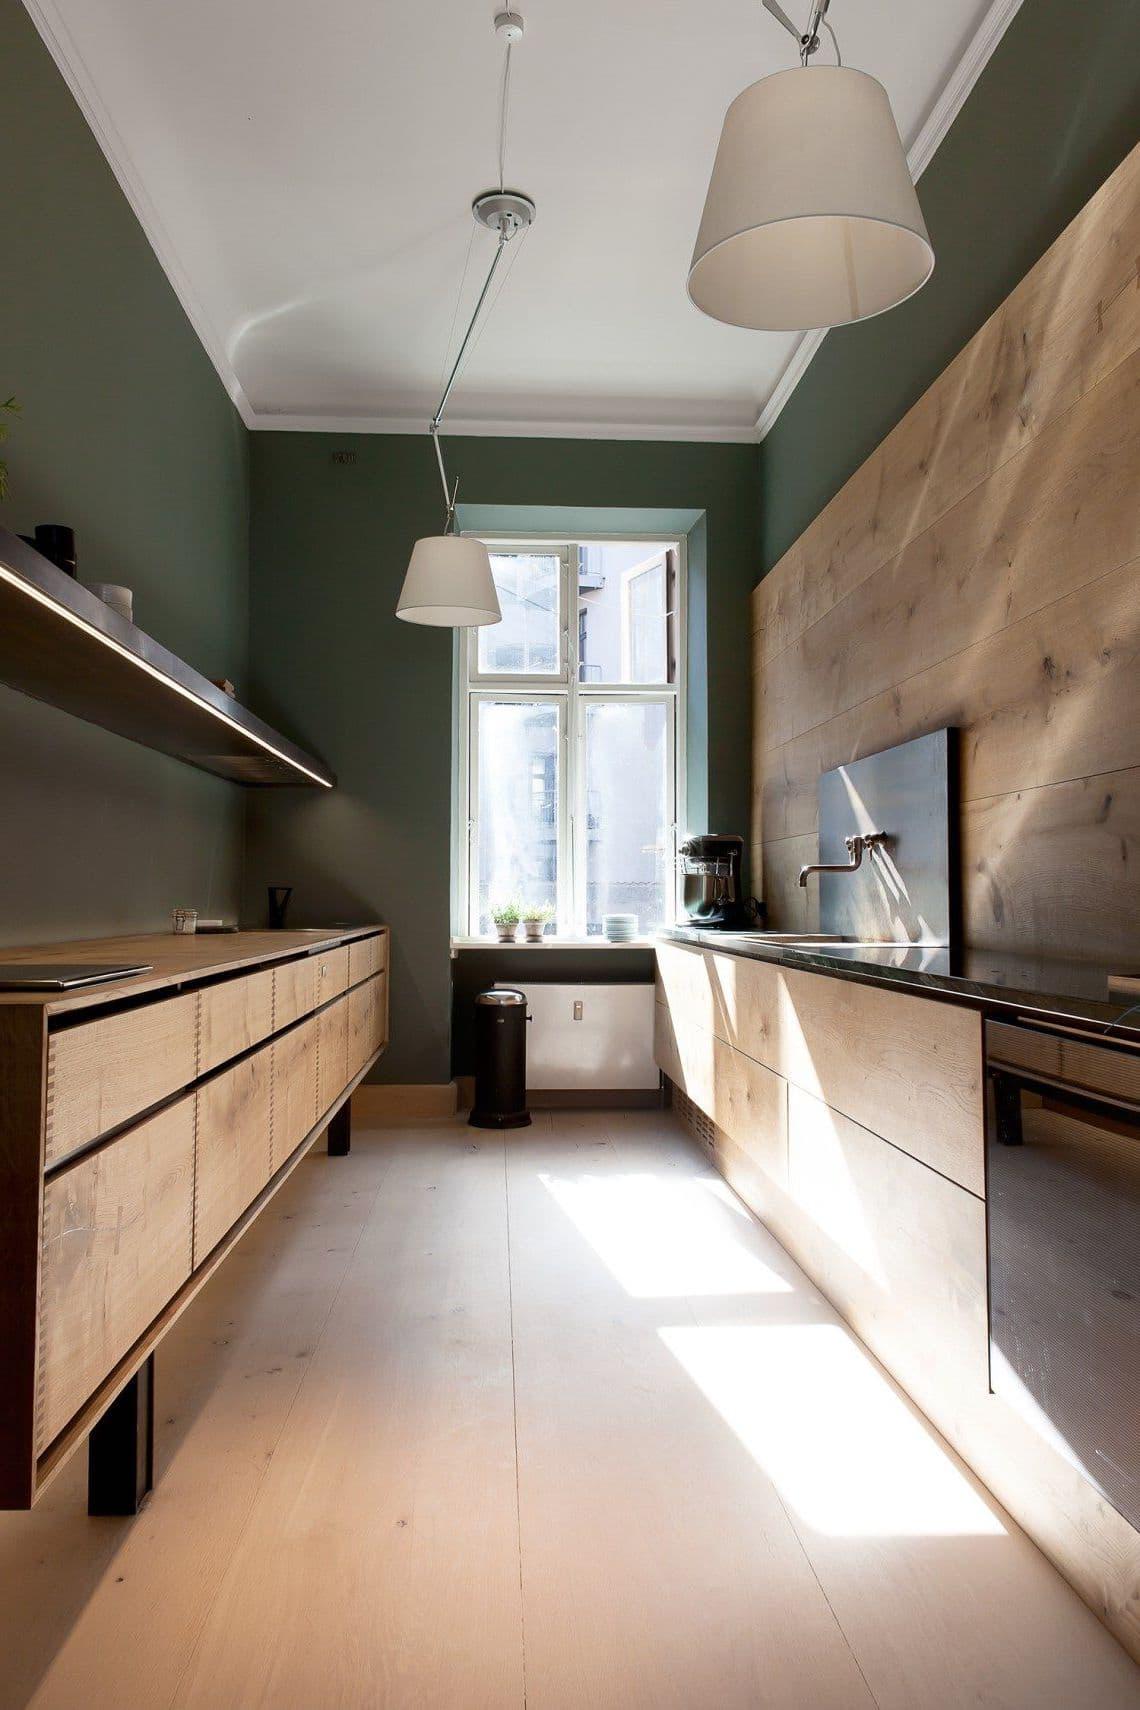 Для узкого помещения с хорошим естественным освещением вполне будет достаточно одной пары светильников